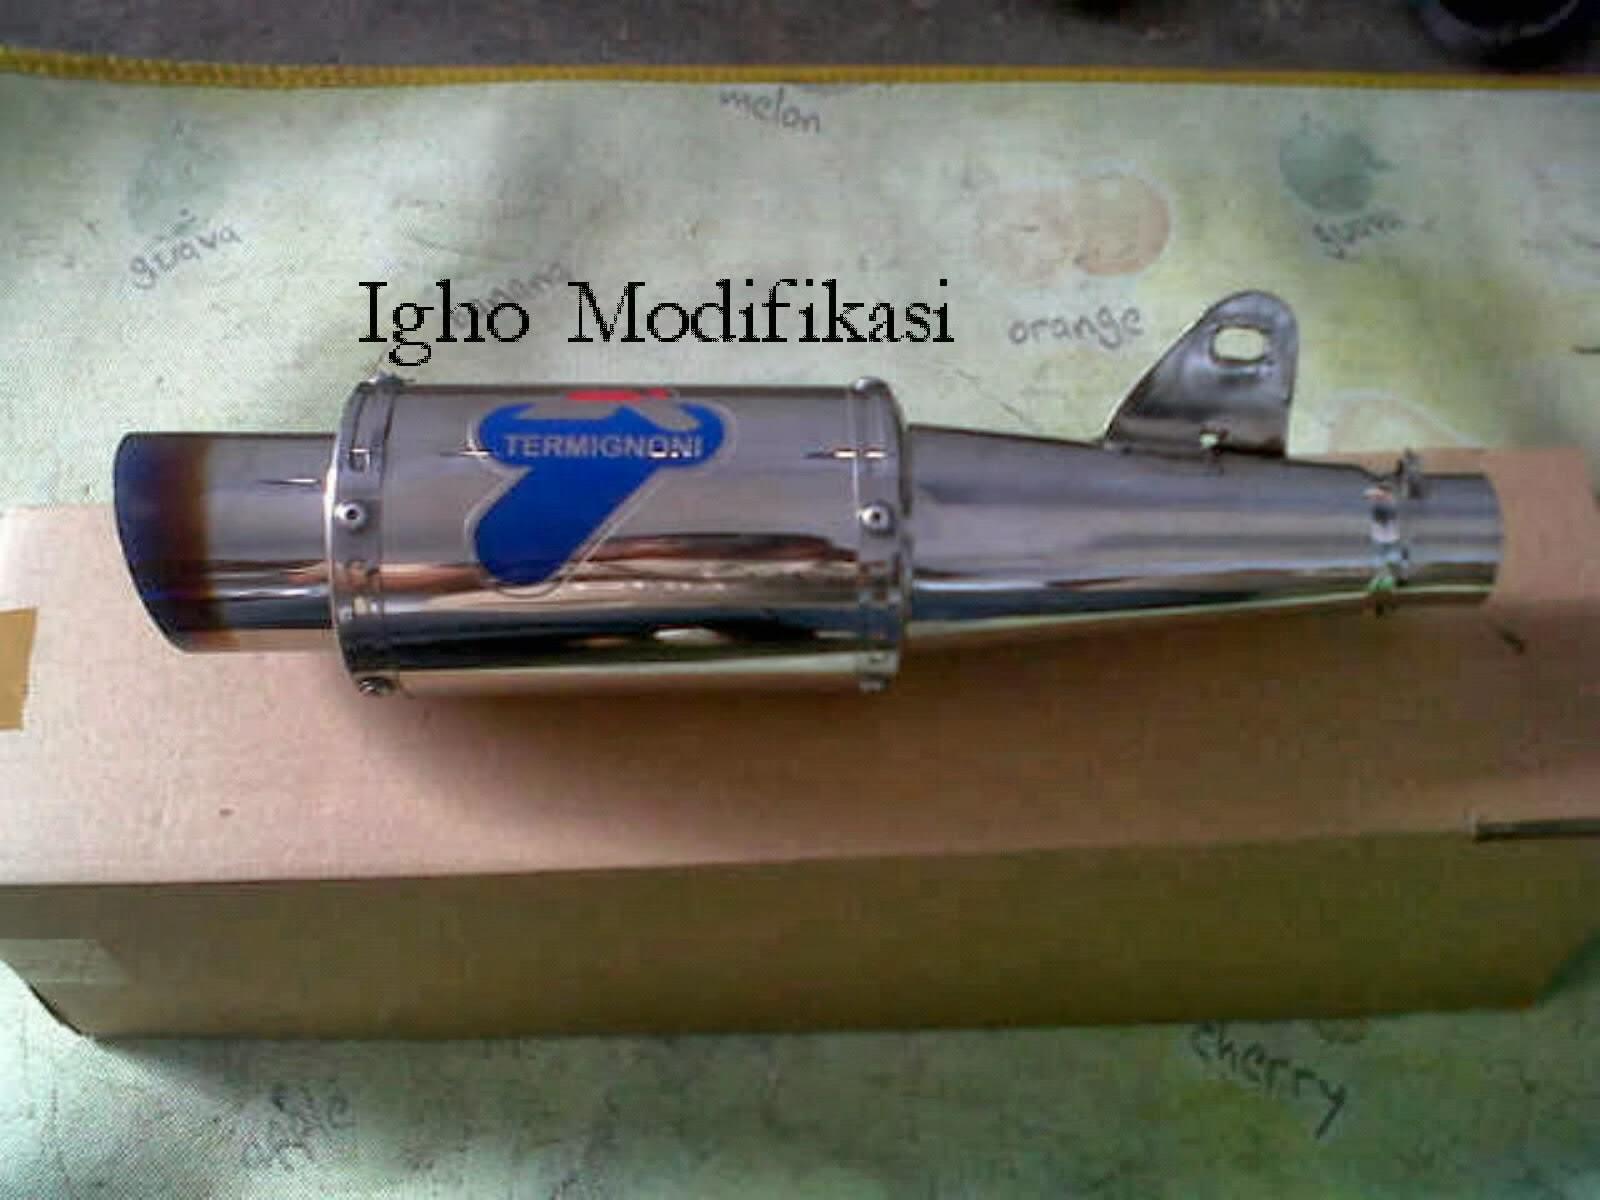 Modifikasi Motor Im Modifikasi Sepeda Motor